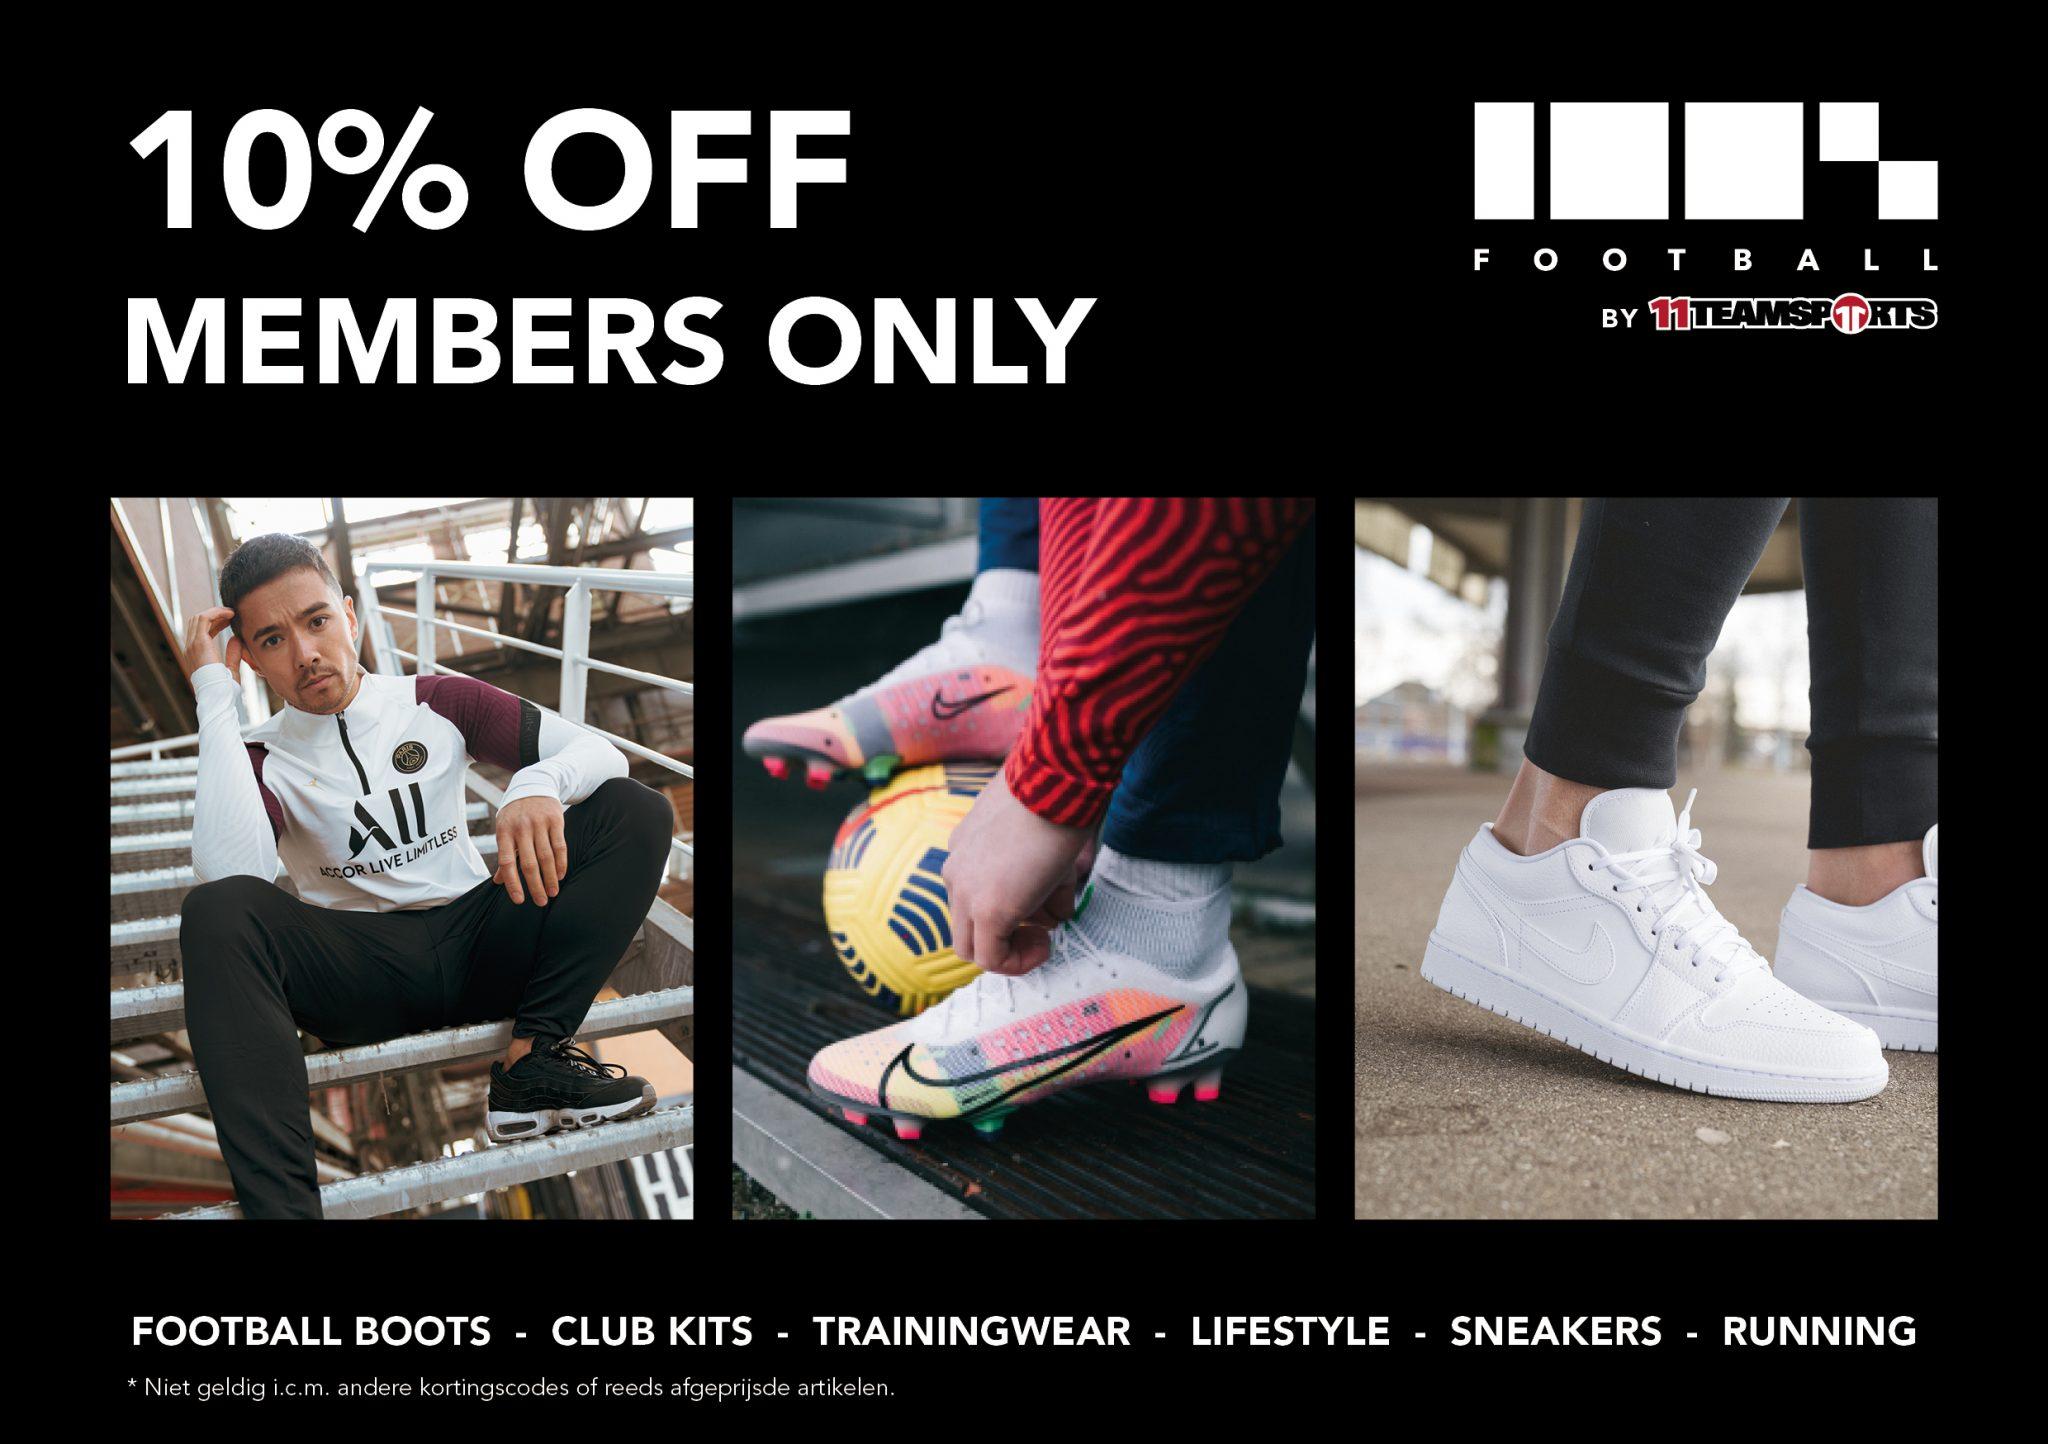 Korting scoren op jouw voetbalschoenen, kleding en lifestyle!